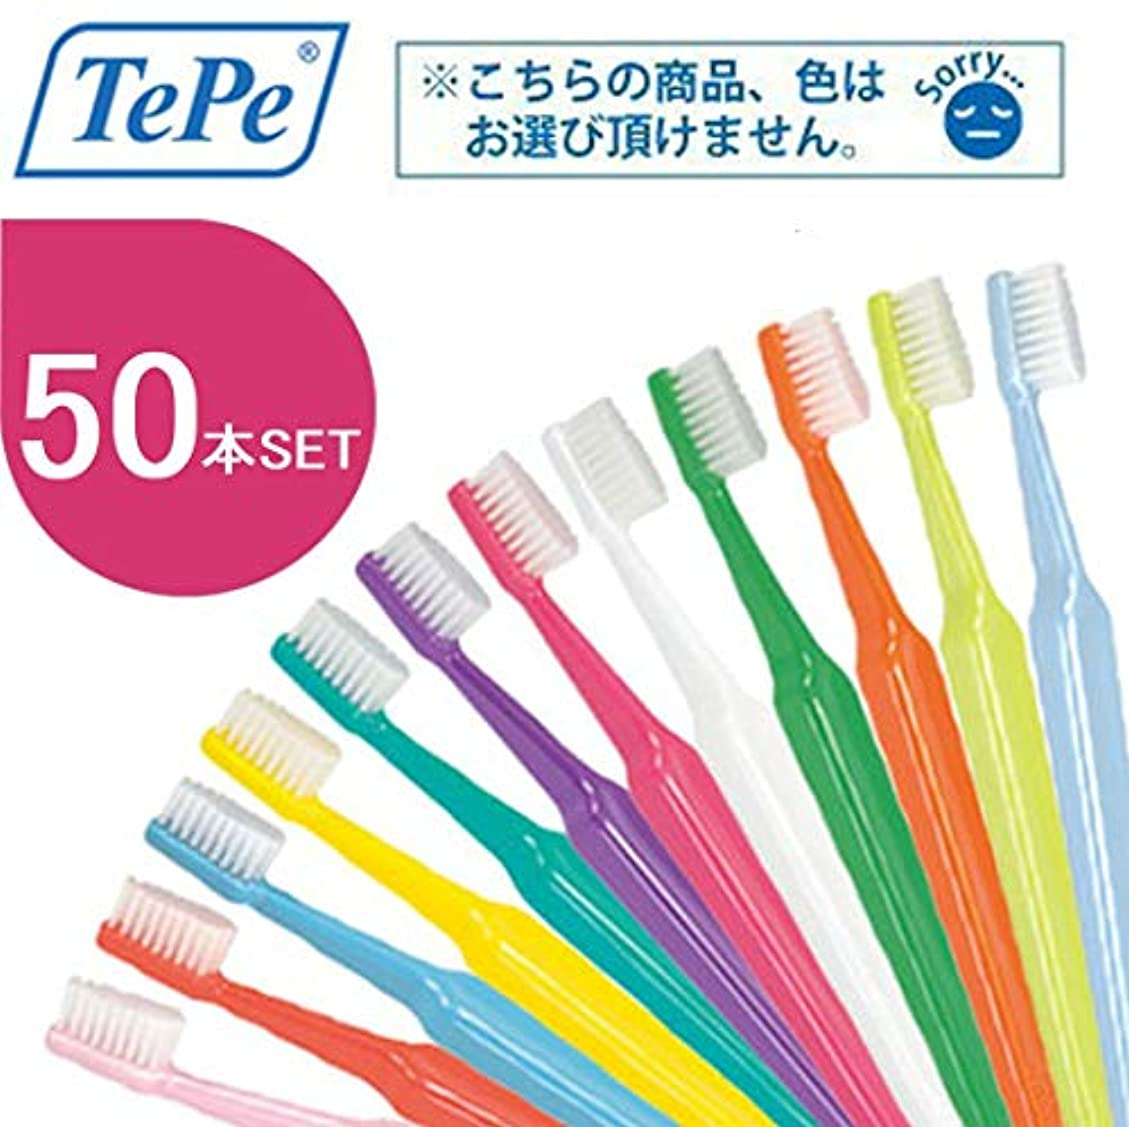 タオルモットー私たち自身クロスフィールド TePe テペ セレクト 歯ブラシ 50本 (ソフト)